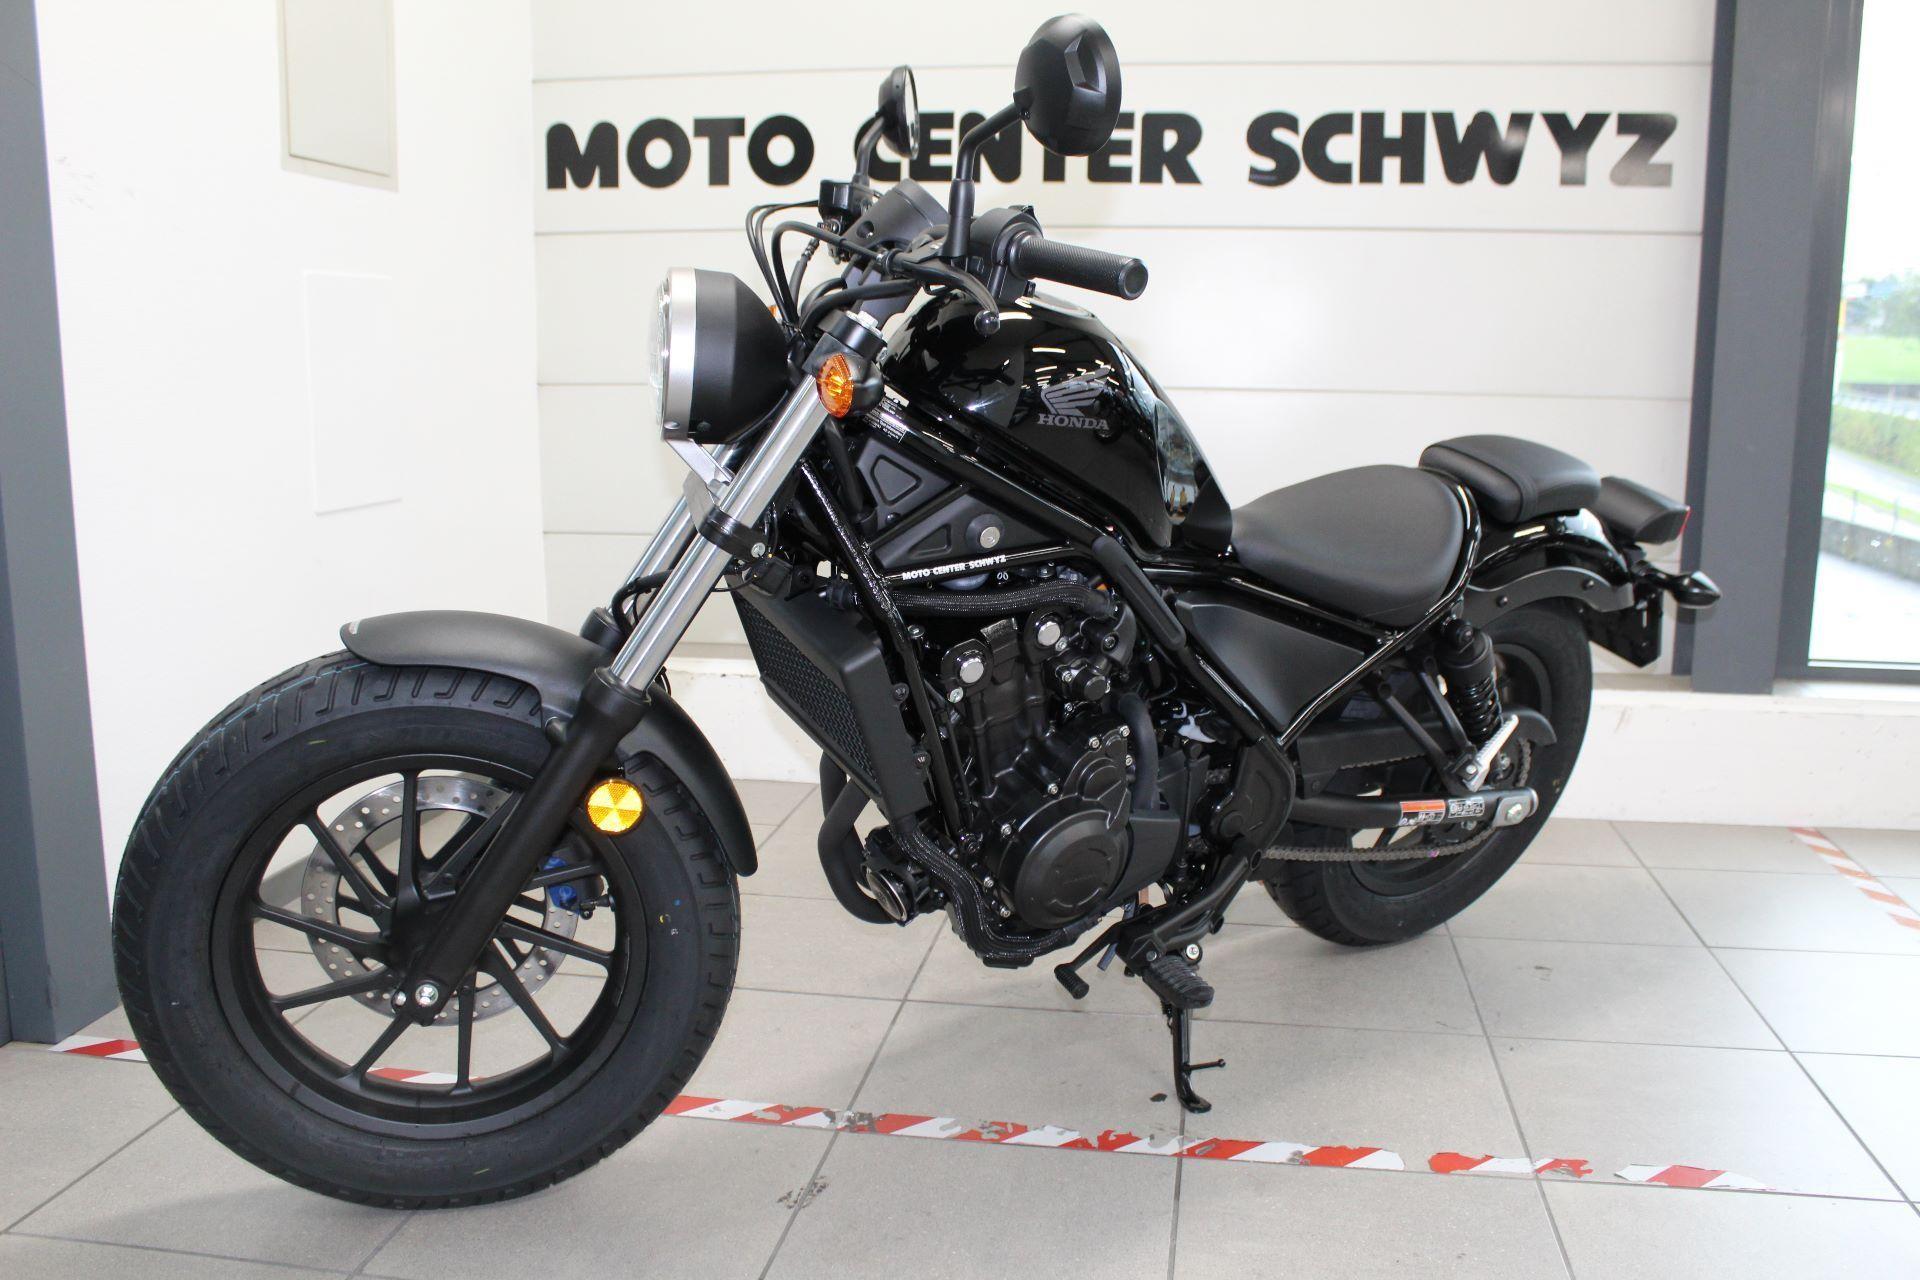 motorrad neufahrzeug kaufen honda cmx 500 rebel moto center schwyz ag seewen schwyz. Black Bedroom Furniture Sets. Home Design Ideas